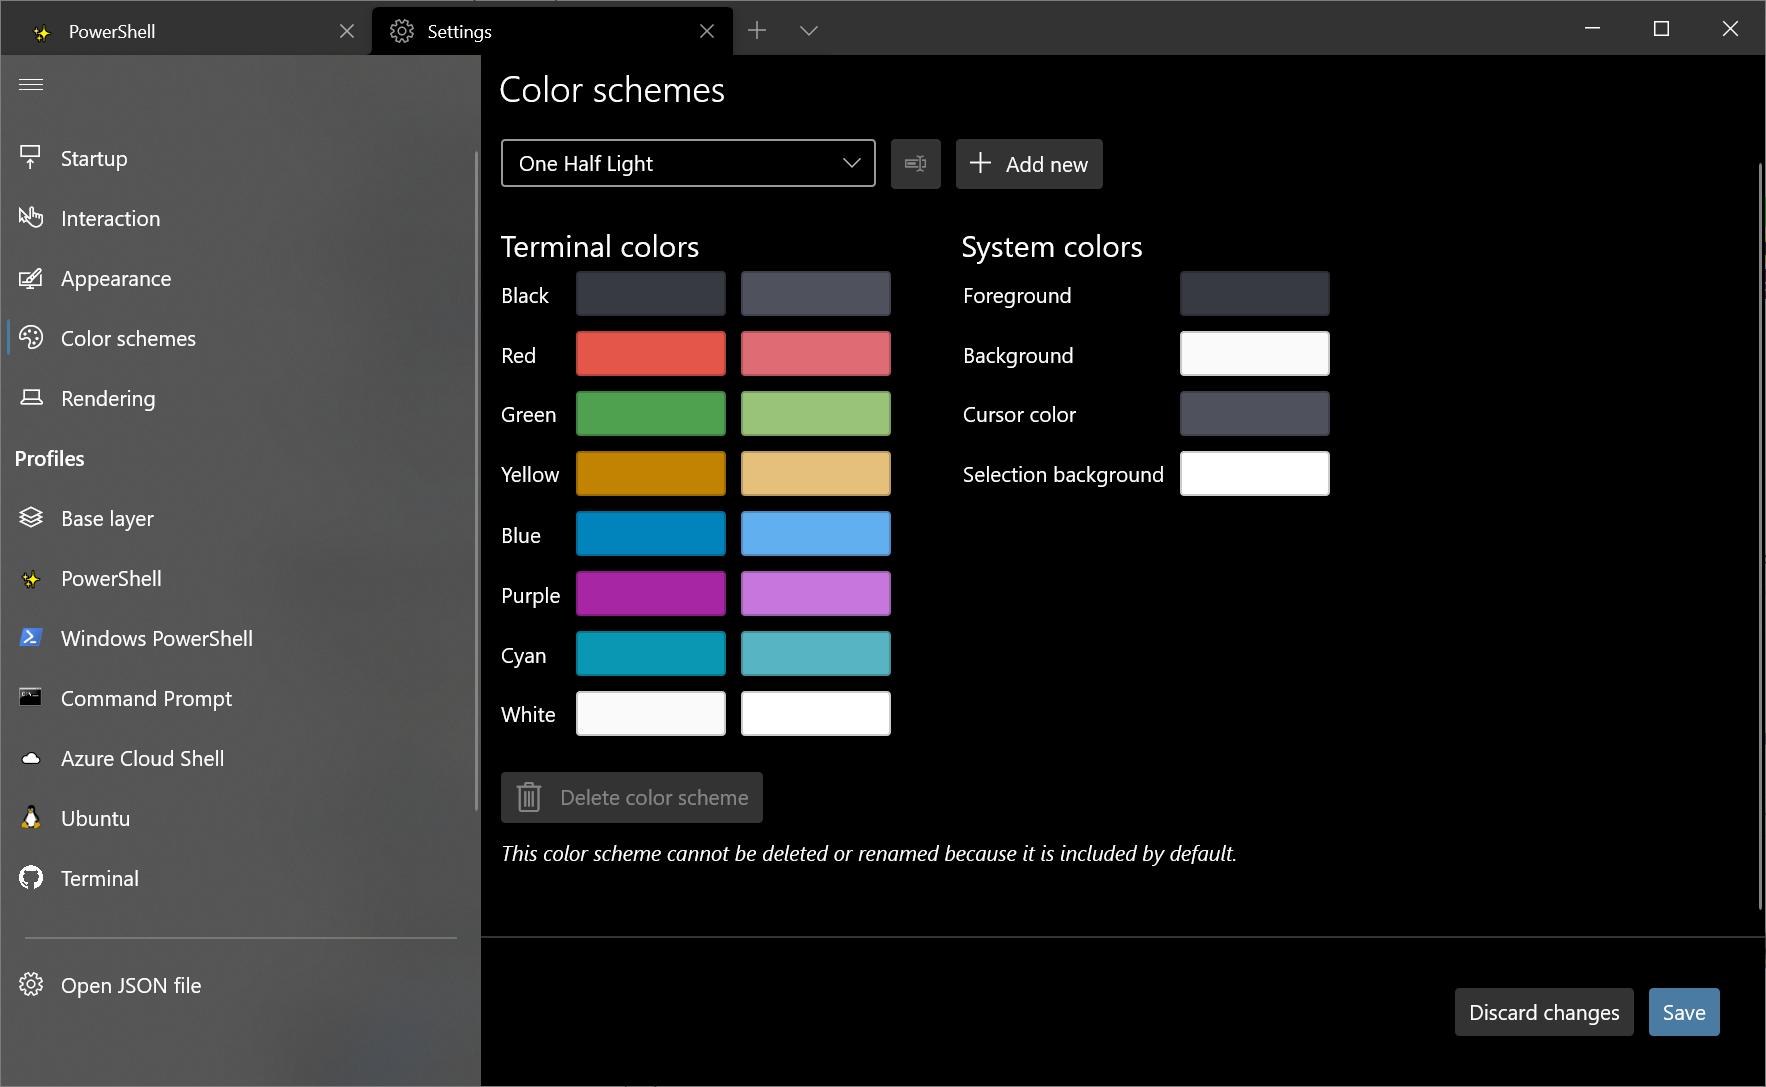 Image color schemes